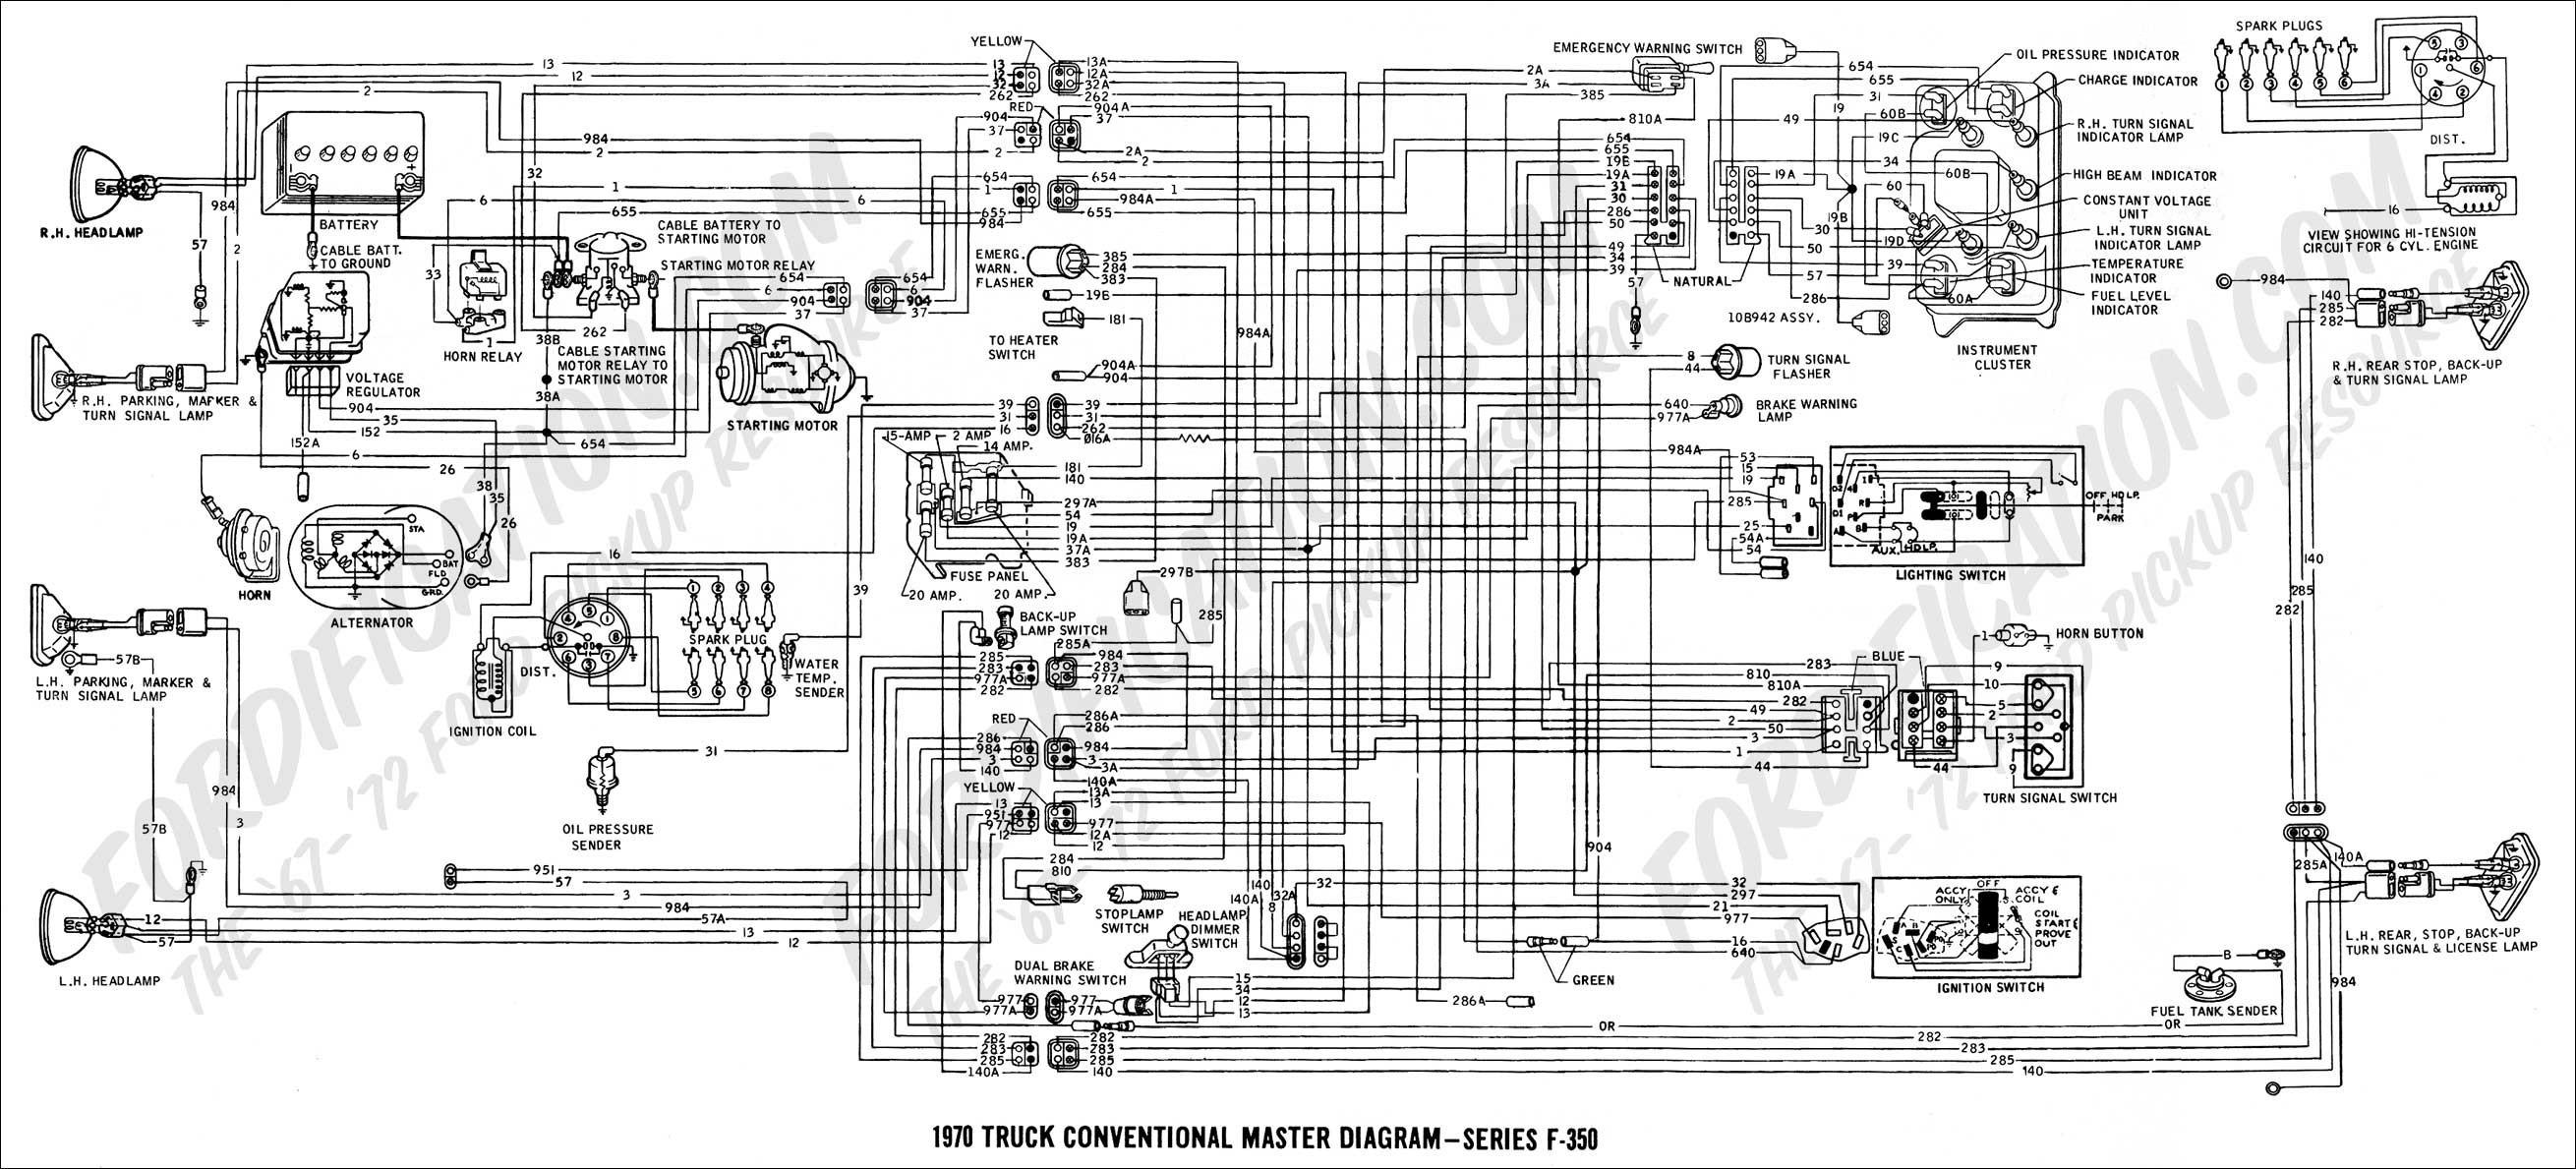 Wiring Diagram 2011 F250 2003 ford F350 Super Duty Wiring Diagram Of Wiring Diagram 2011 F250